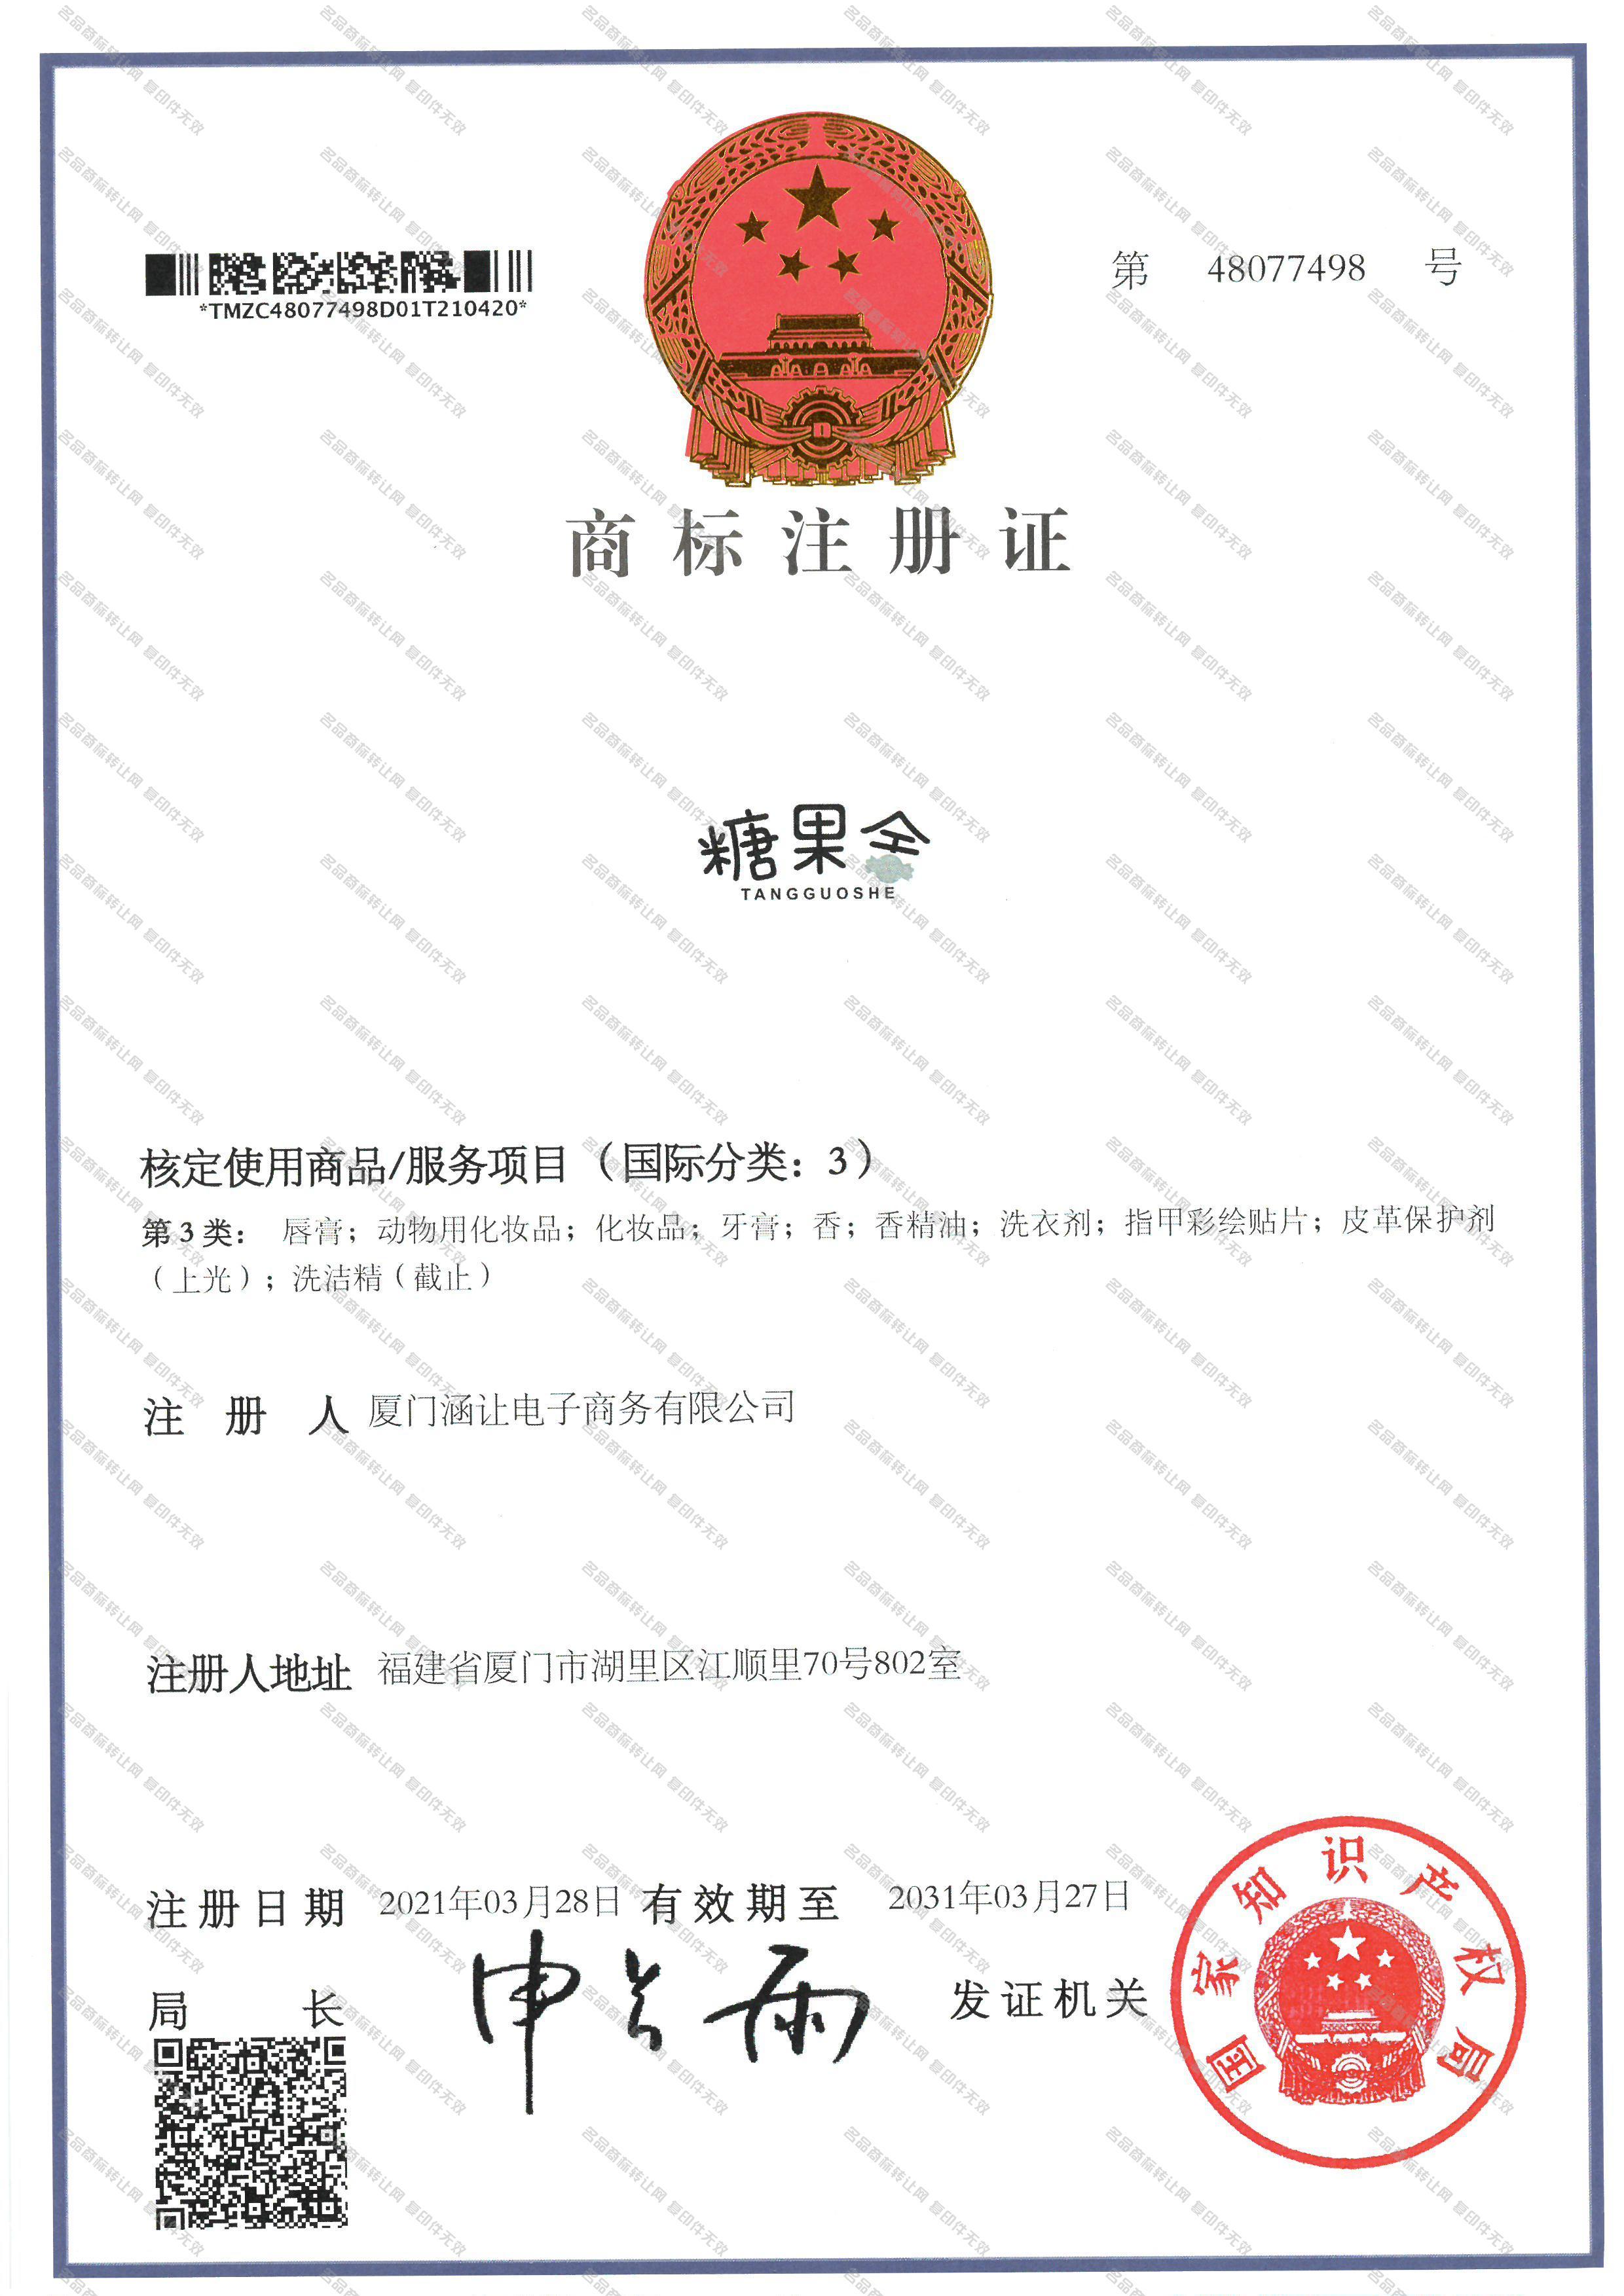 糖果舍;TANGGUOSHE注册证